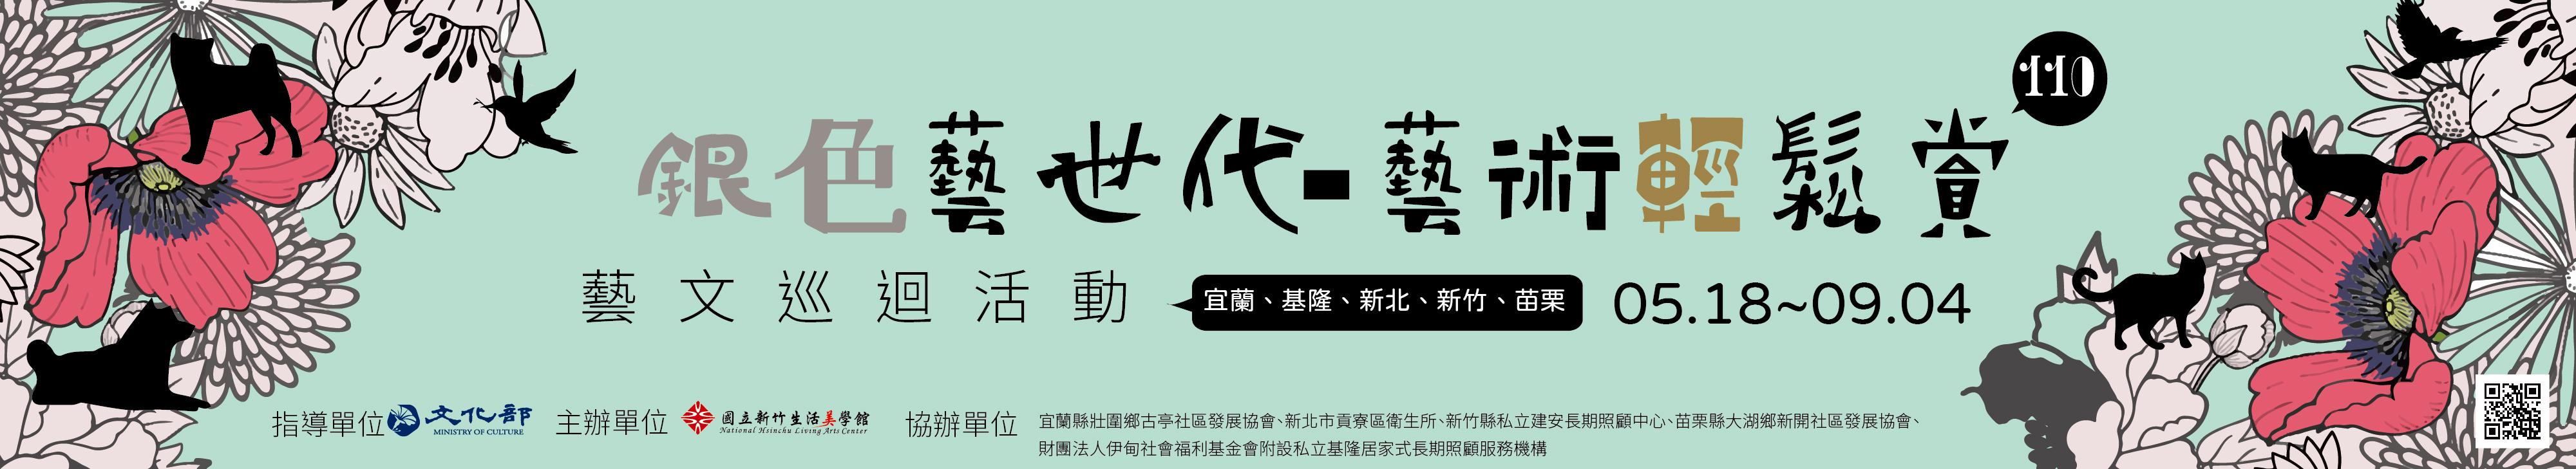 110年「銀色藝世代~藝術輕鬆賞」藝文巡迴活動